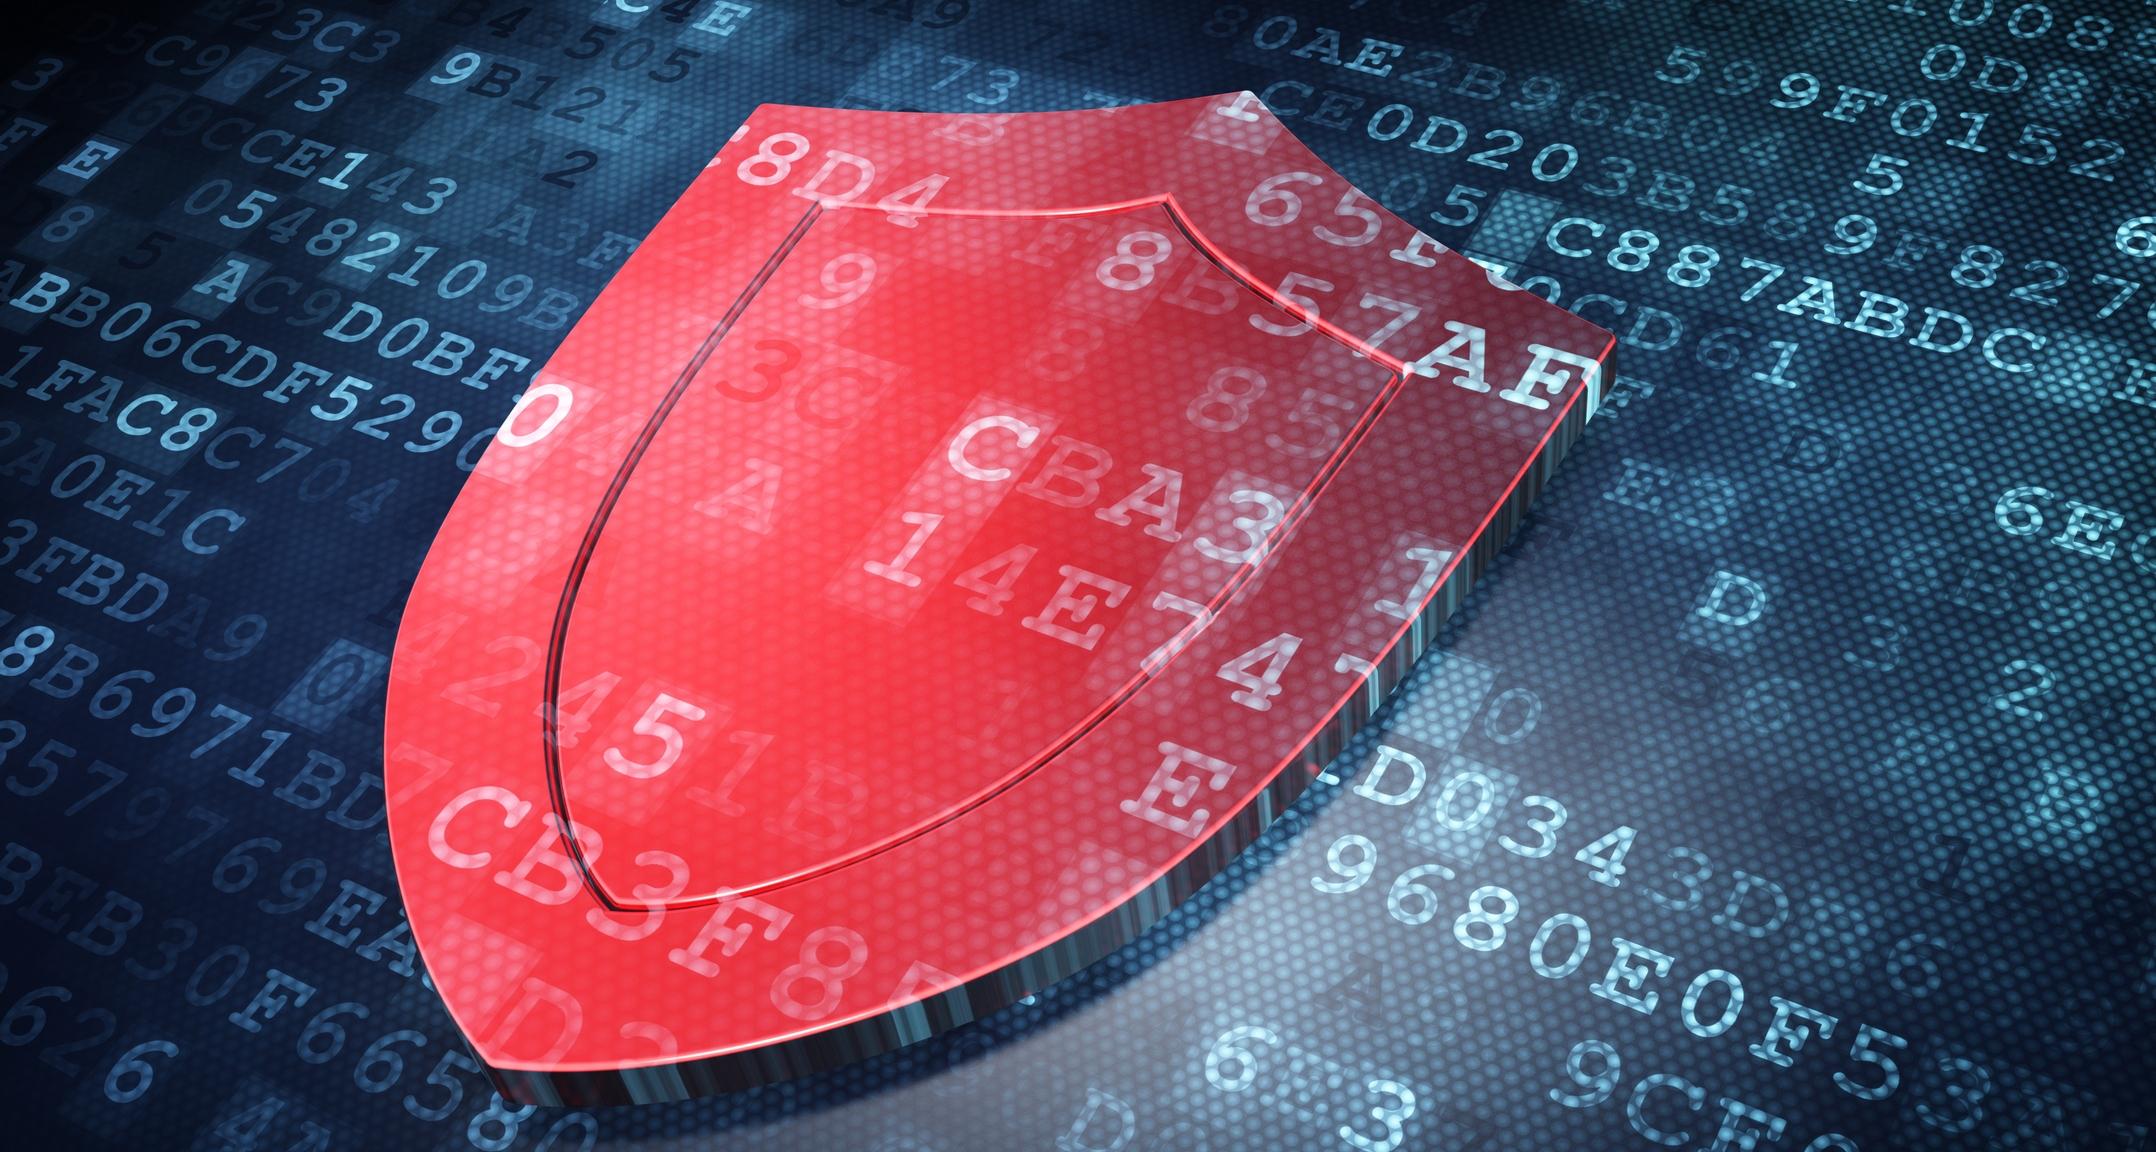 кибербезопасность, персональные данные, PwC